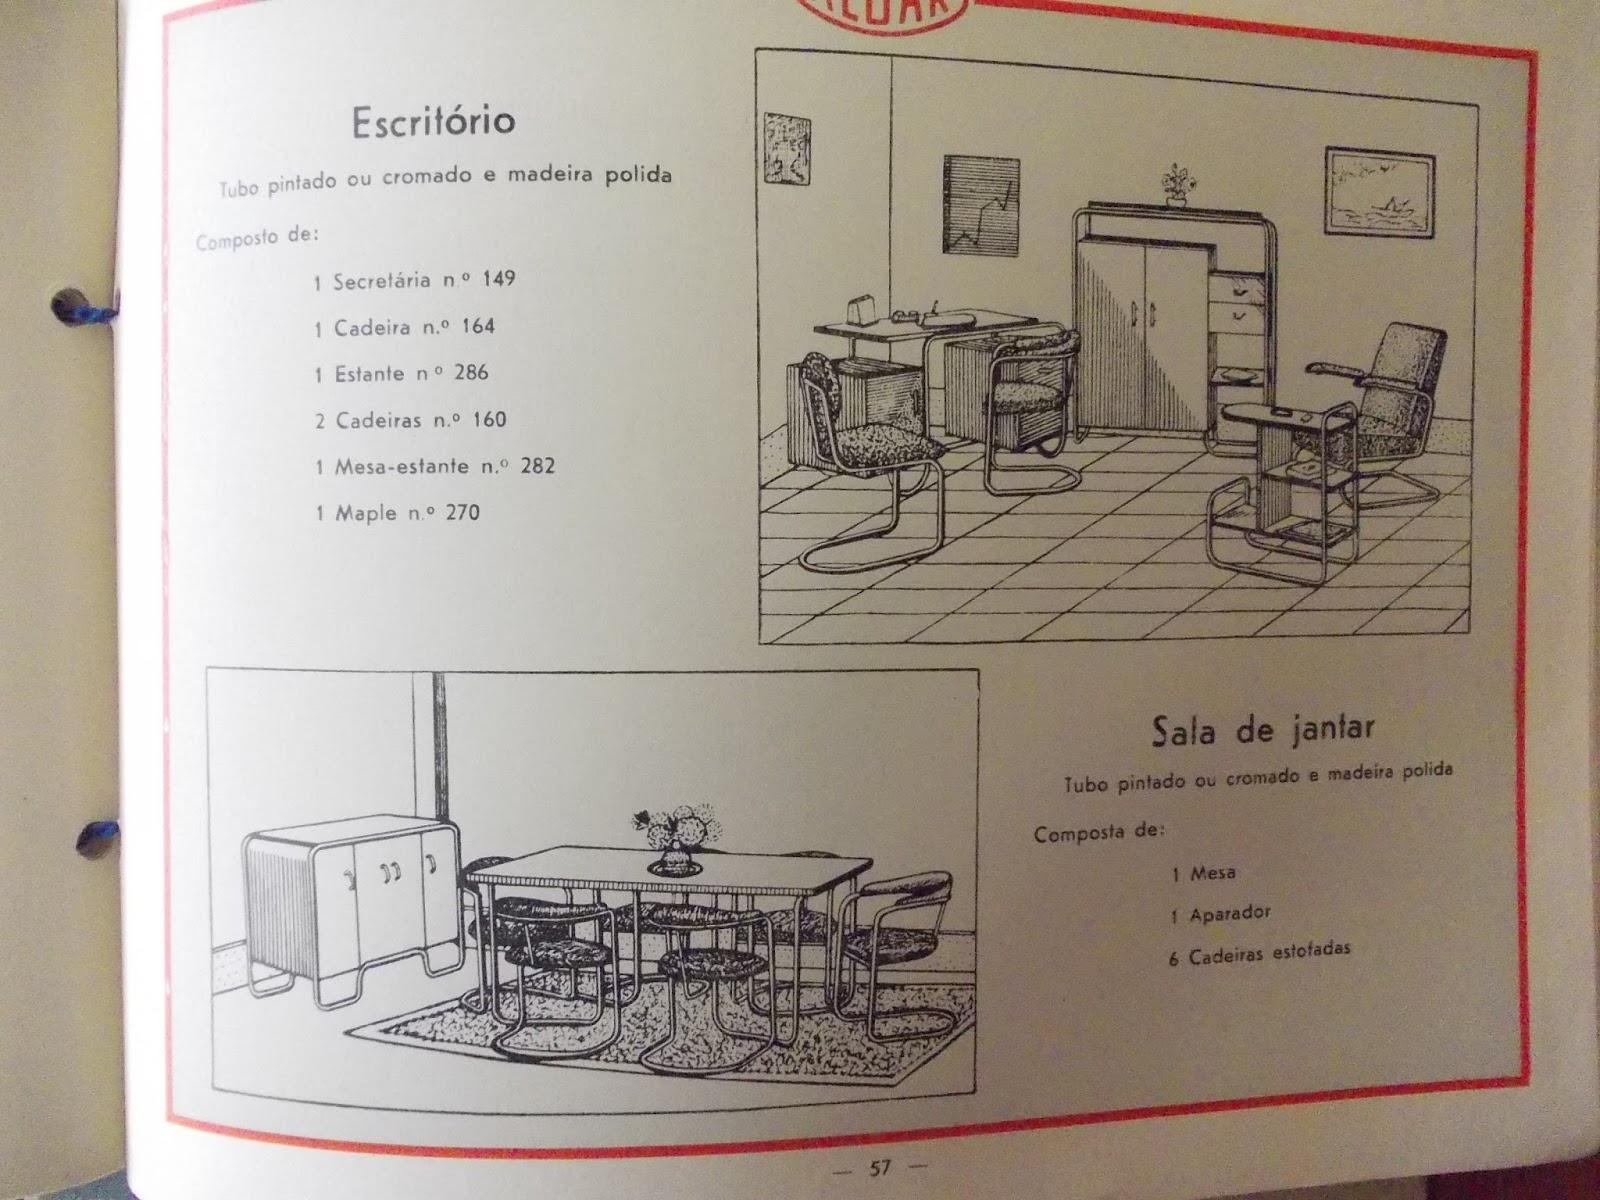 Ilustração Antiga: Albino de Matos Pereiras & Barros #9C332F 1600x1200